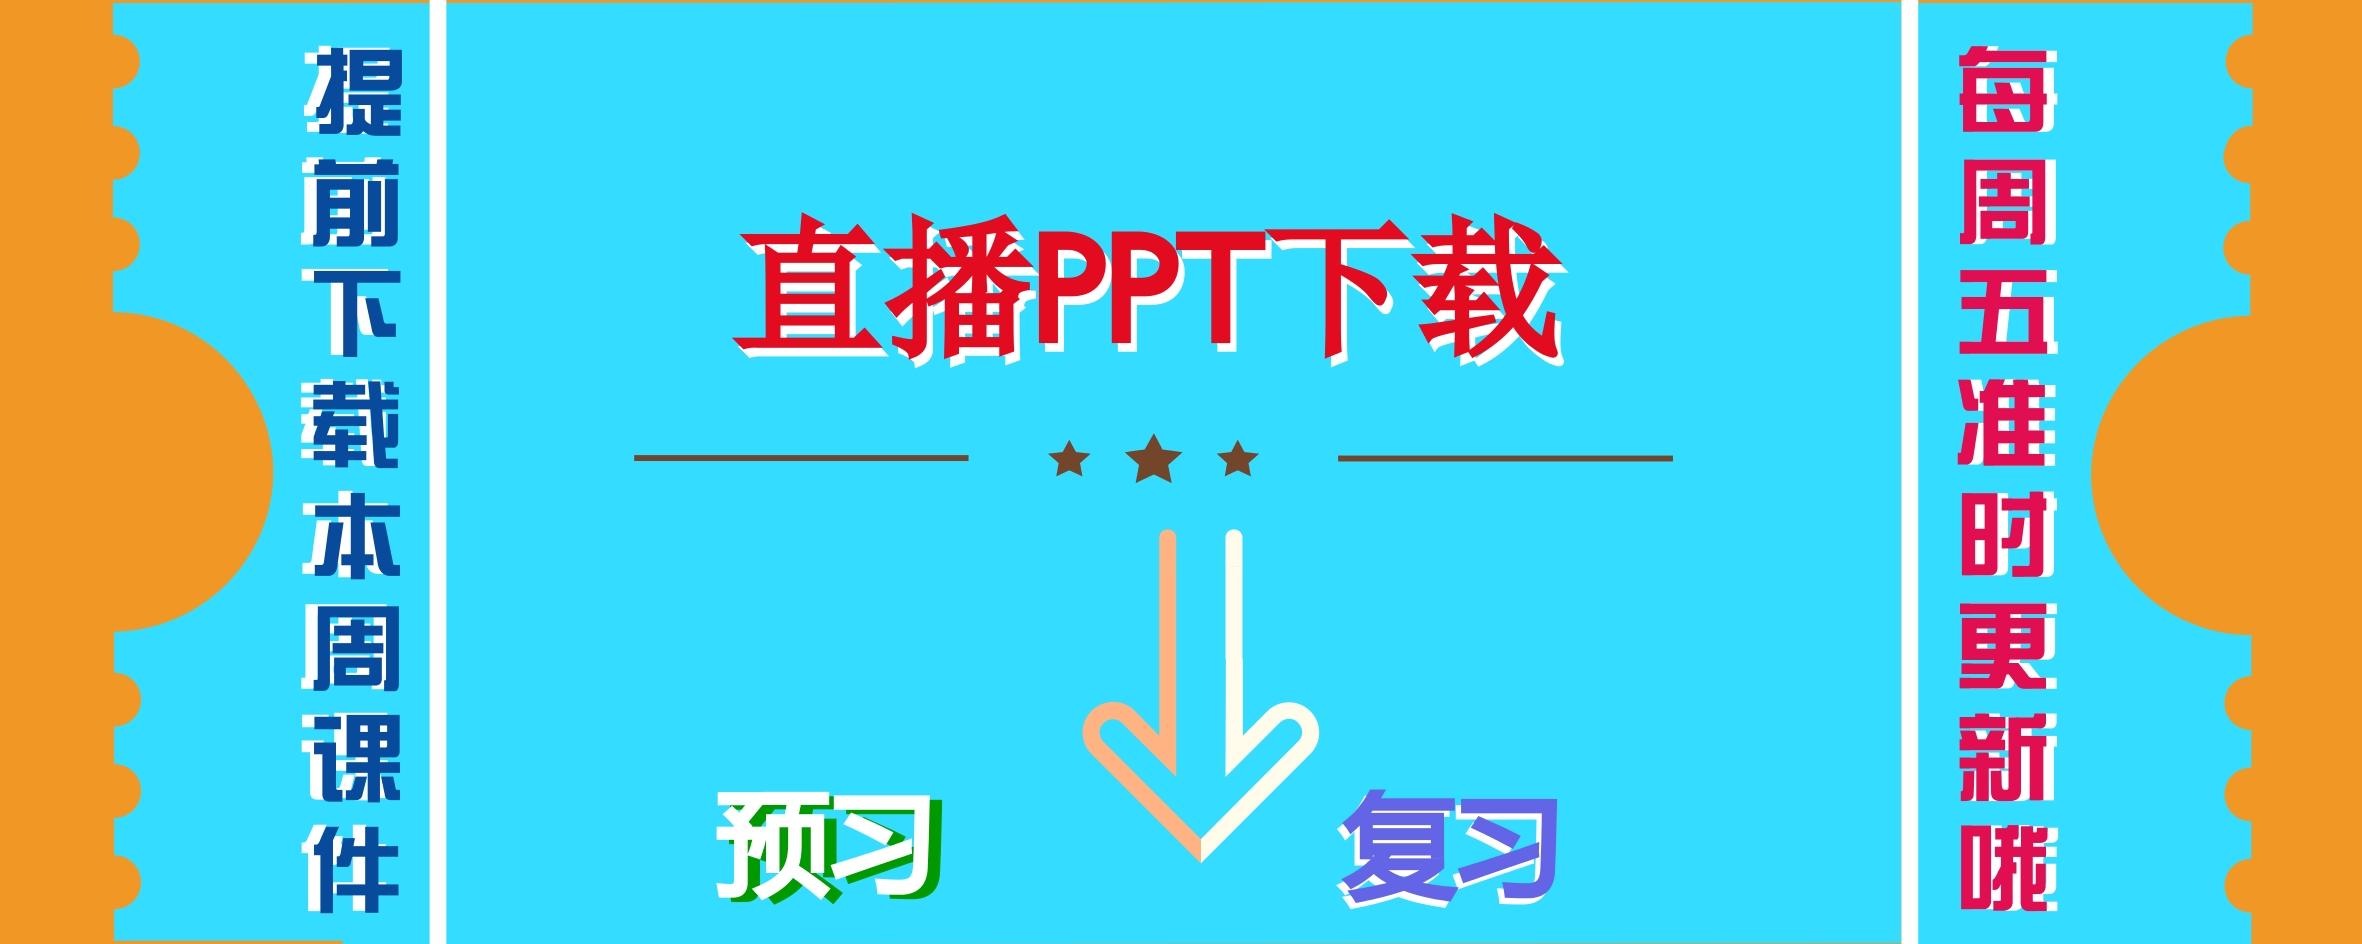 直播ppt下载--设计创建于创客贴.jpg